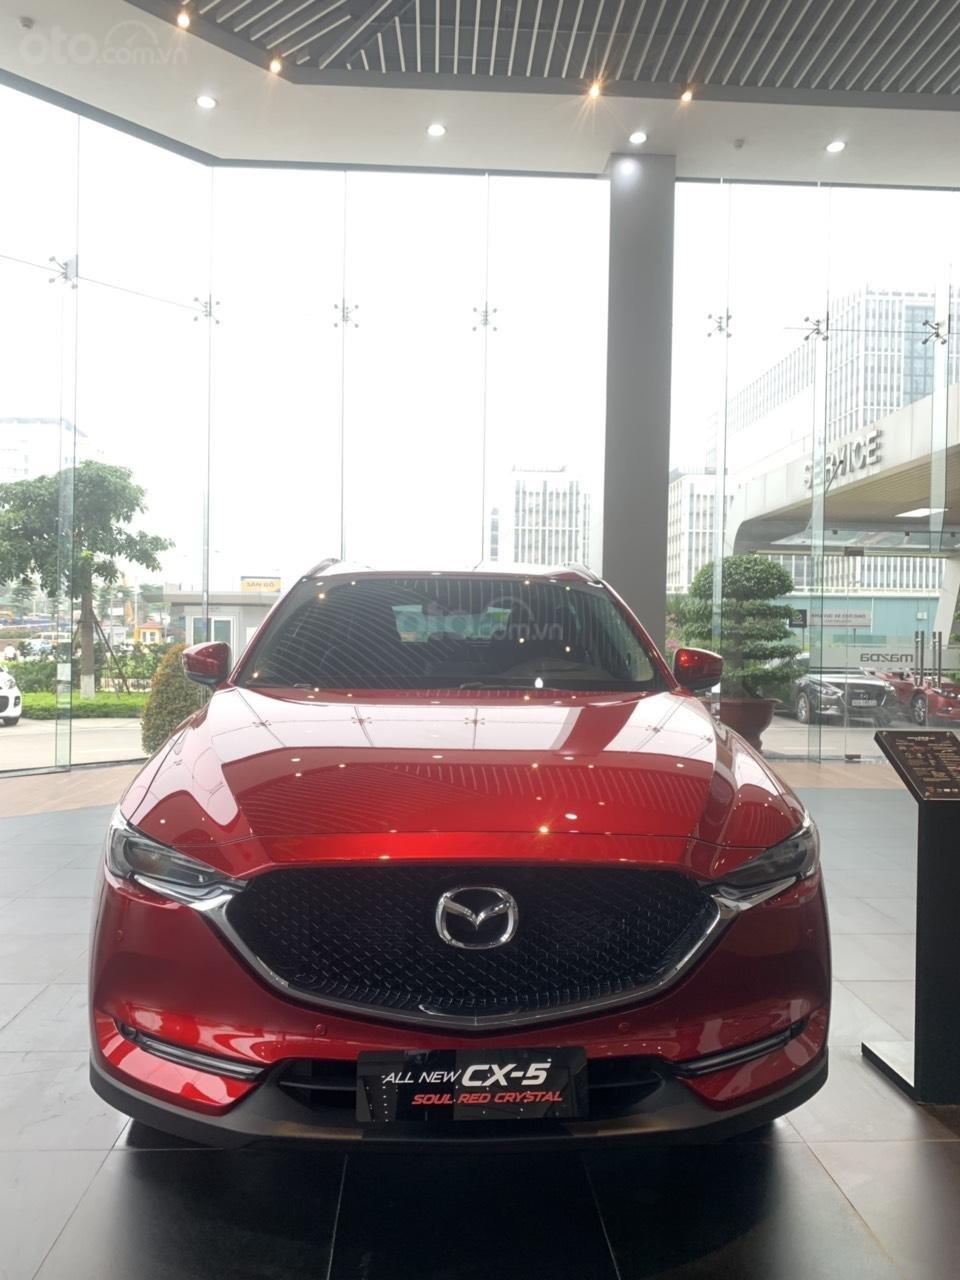 Mazda CX5 2.0 2019 ưu đãi T11 100tr, TG 90%, hỗ trợ giao xe, ĐKĐK, giải quyết nợ xấu, LH 0981 485 819 (6)